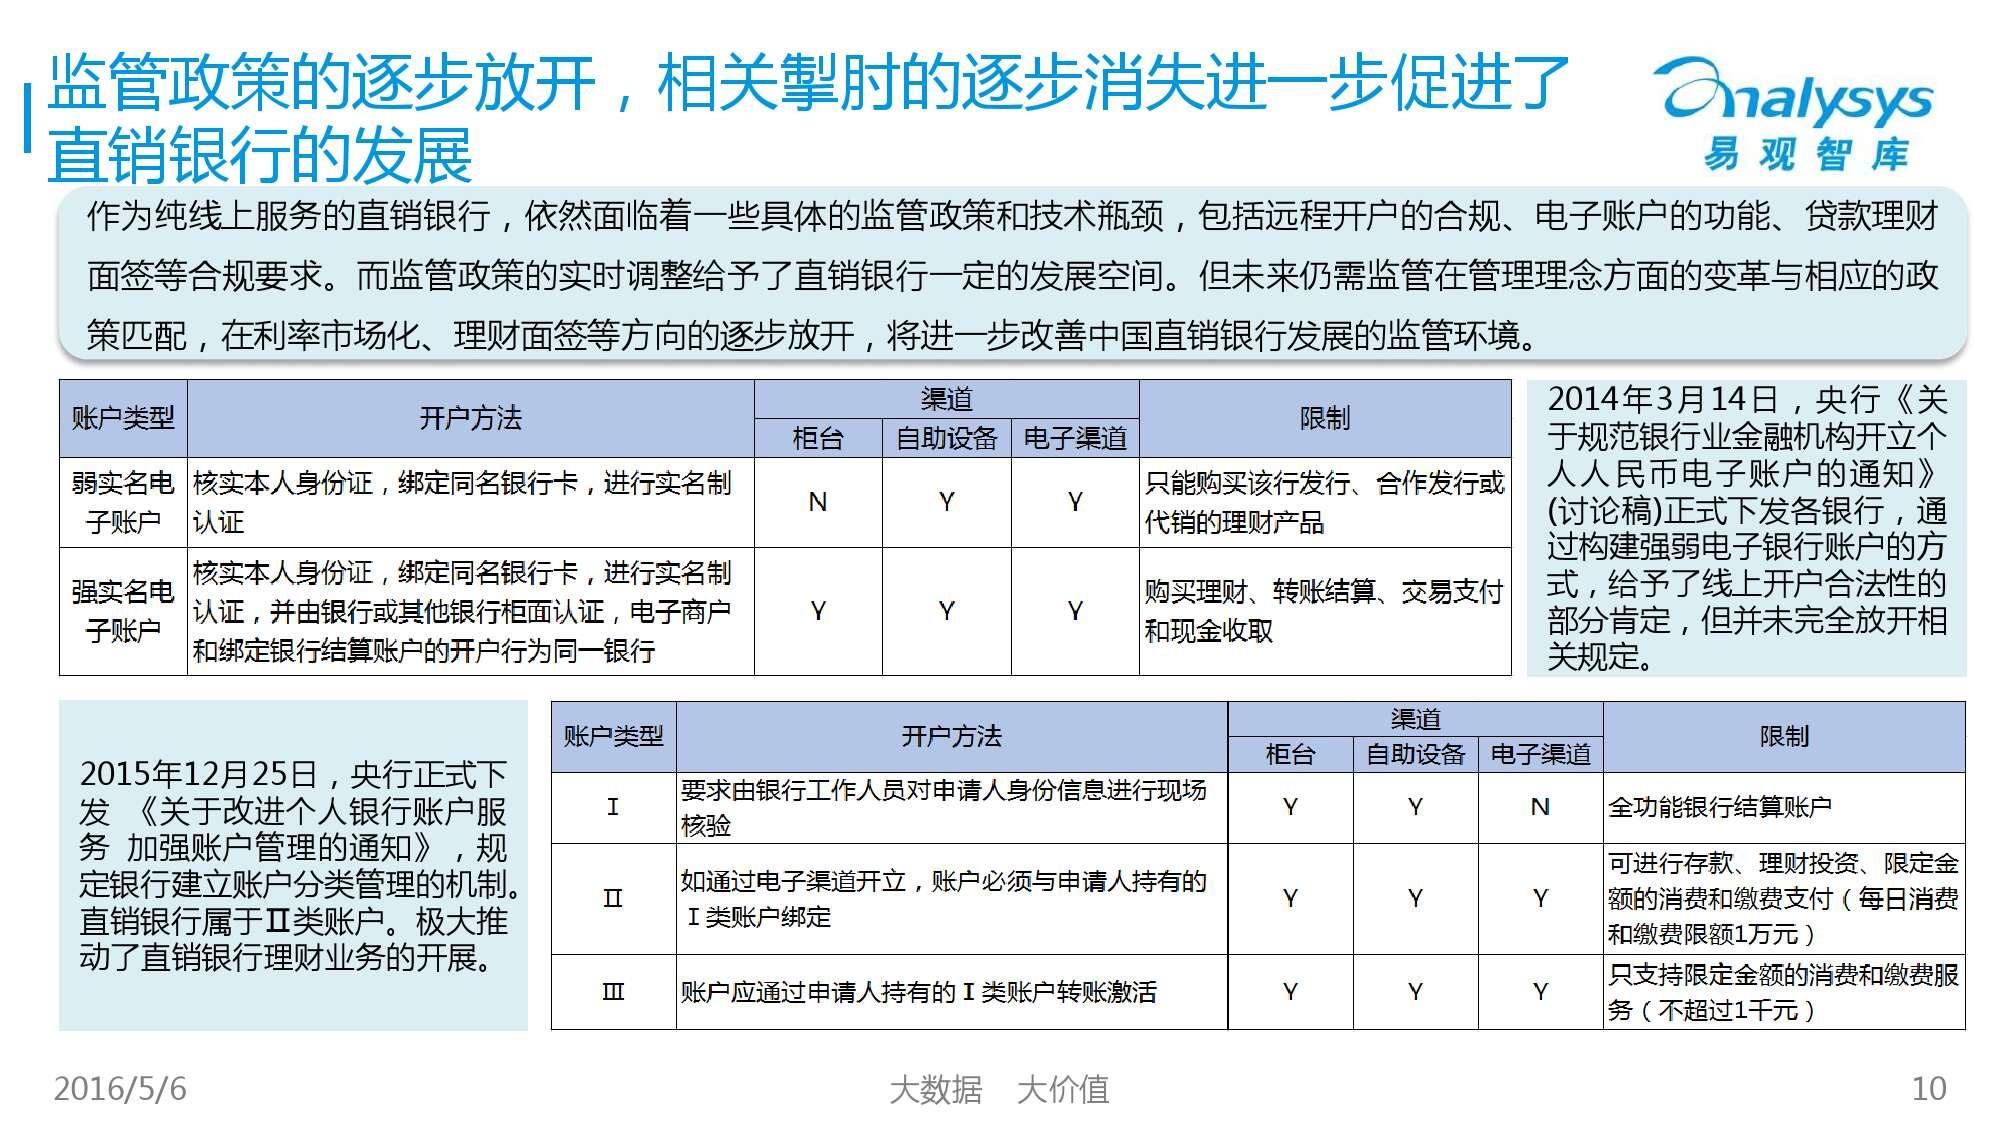 2016年中国直销银行市场专题研究报告_000010